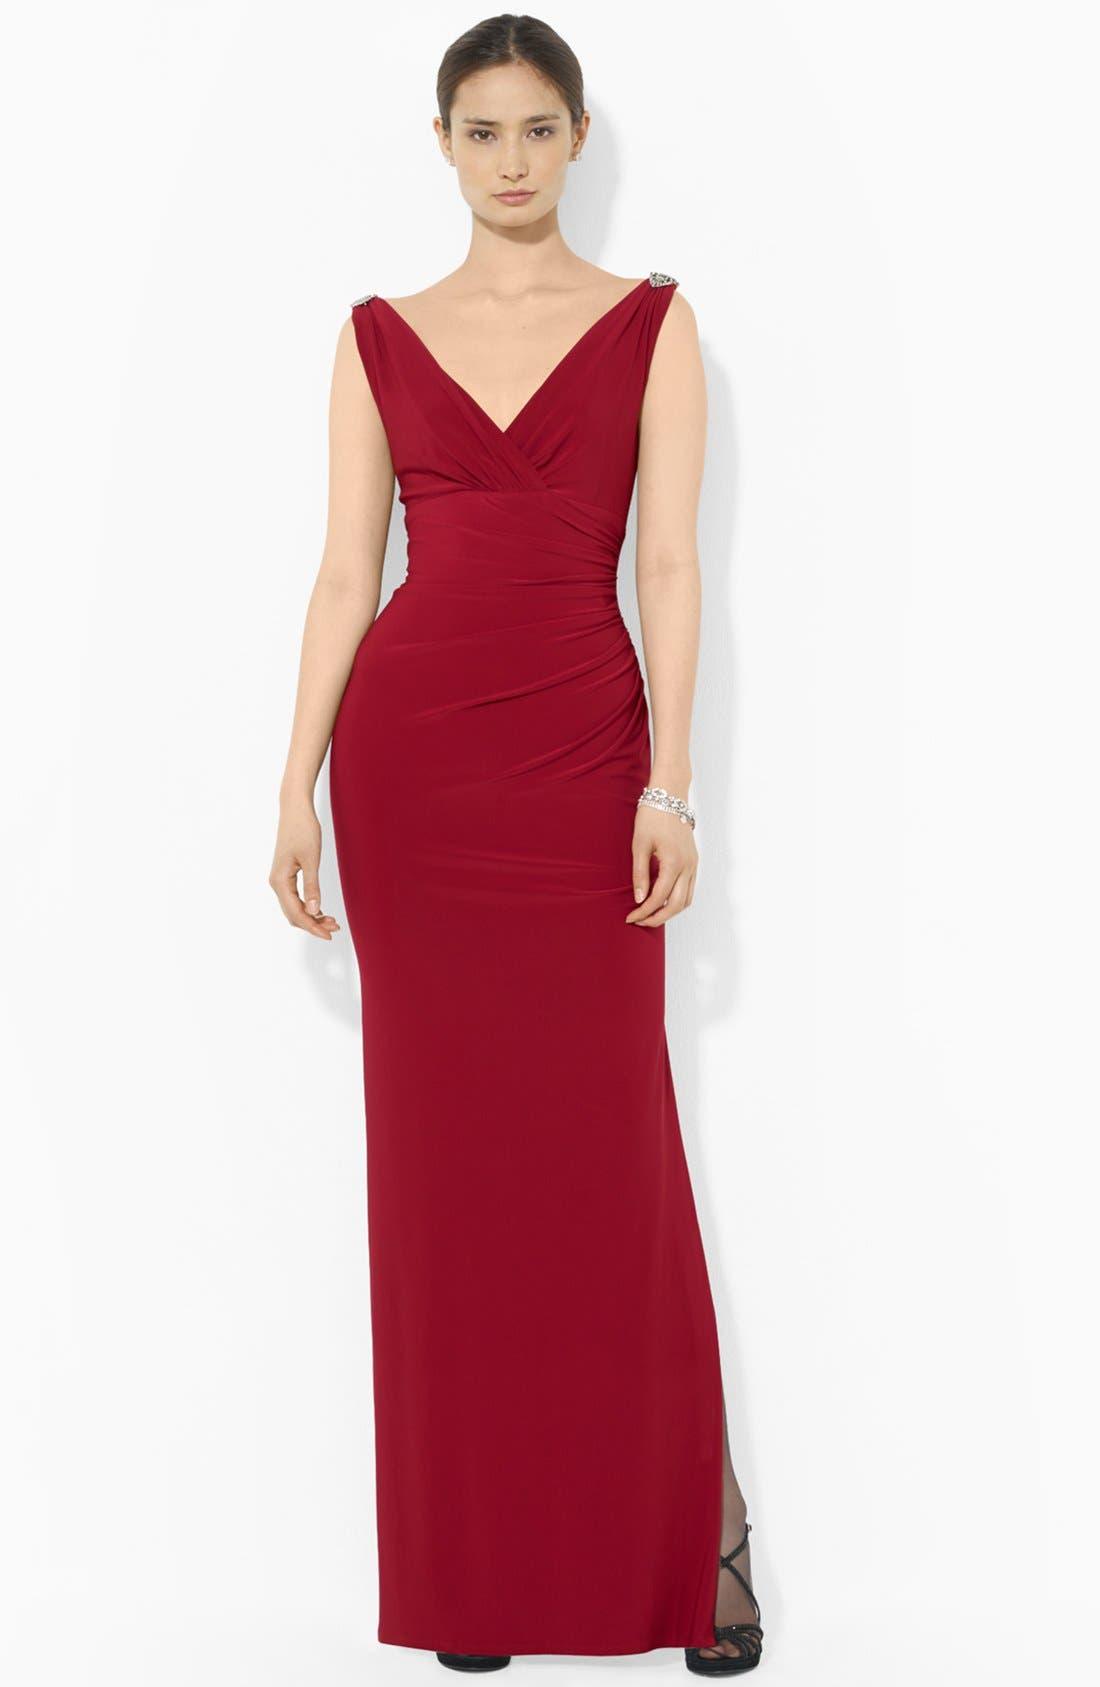 Alternate Image 1 Selected - Lauren Ralph Lauren Empire Matte Jersey Gown